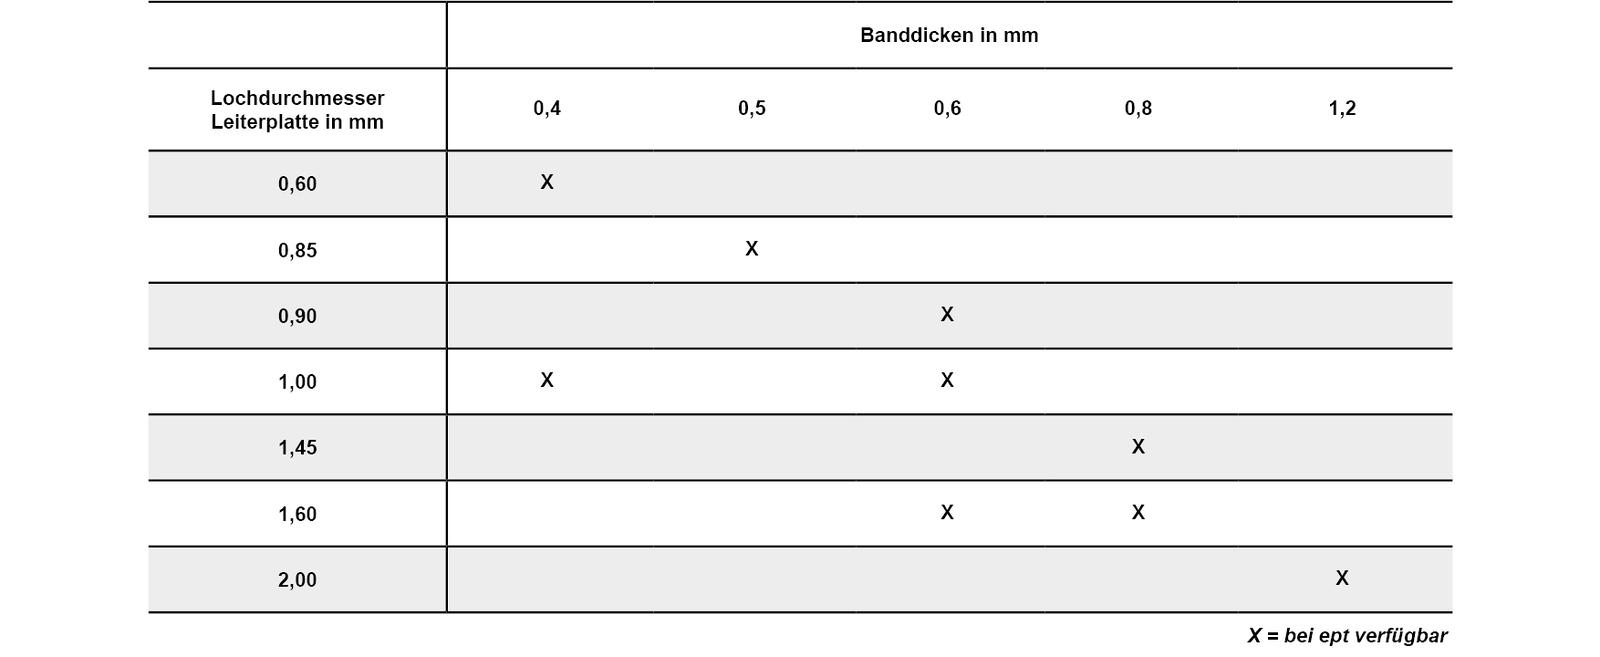 Lochdurchmesser Leiterplattenloch und Banddicken in Millimeter